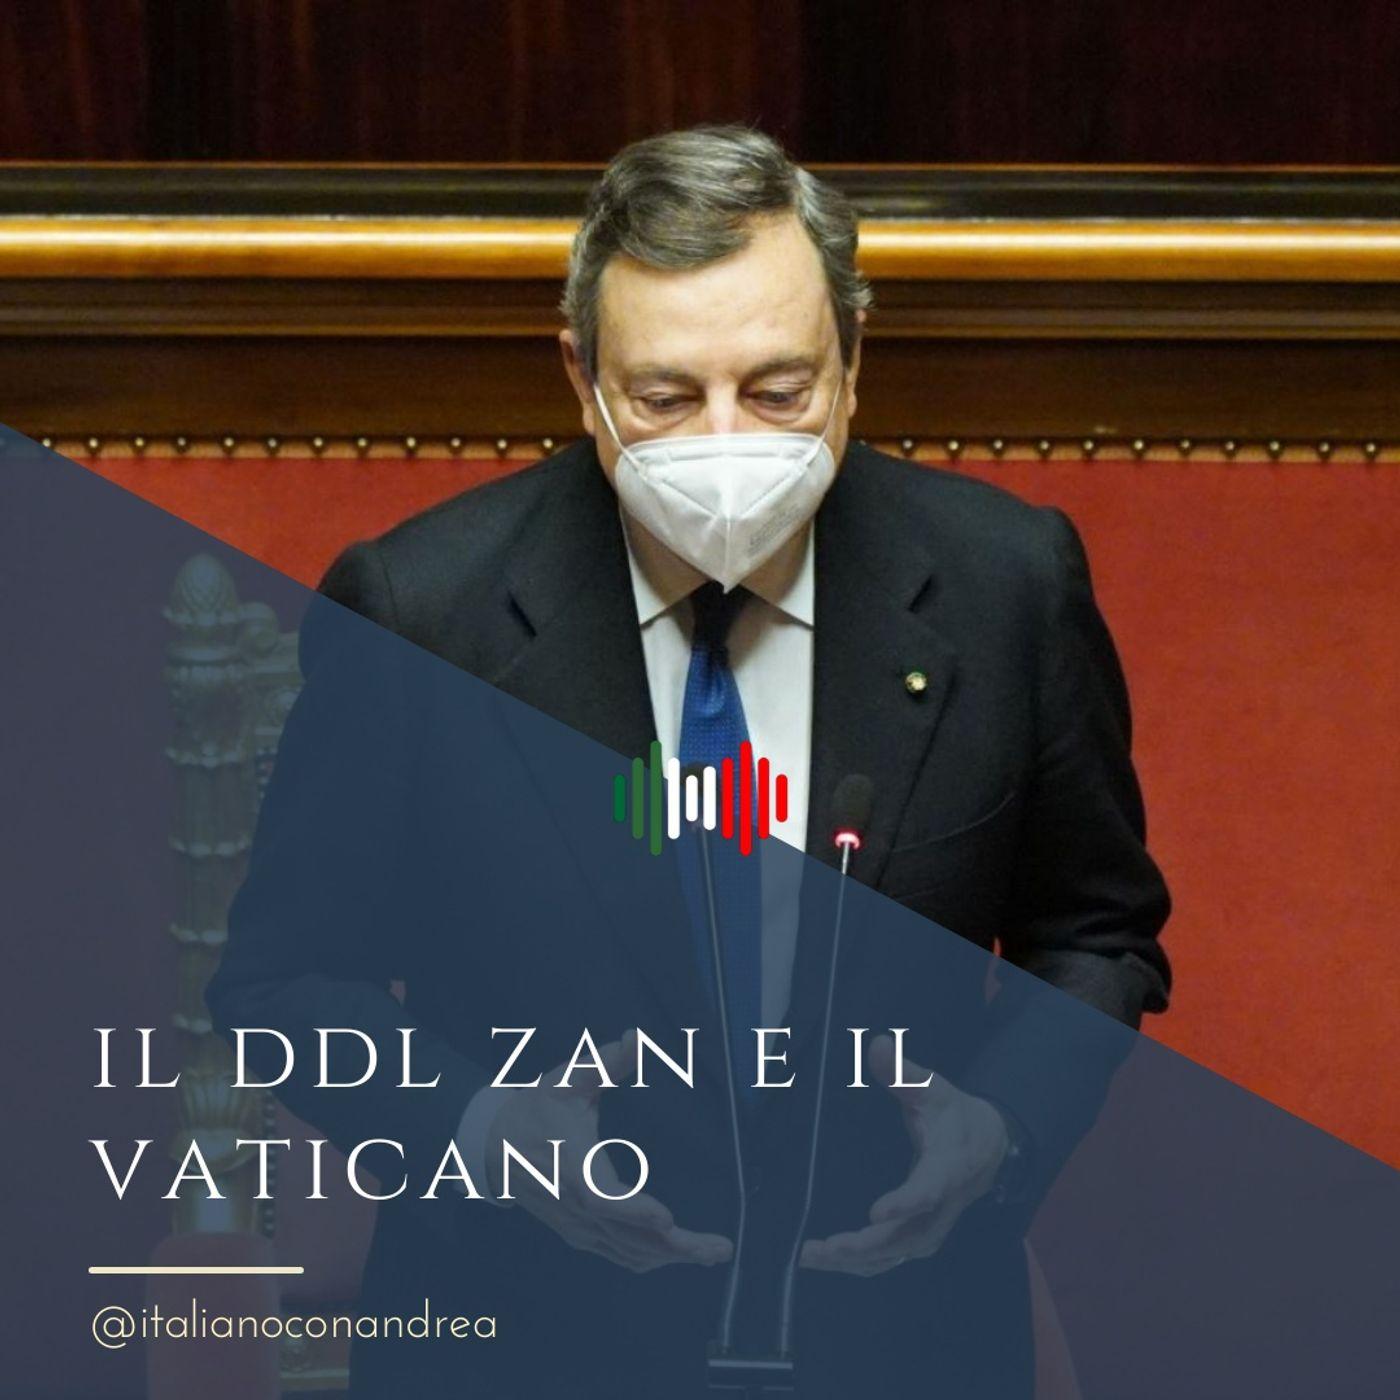 288. NOTIZIA: Il DDL Zan e il Vaticano